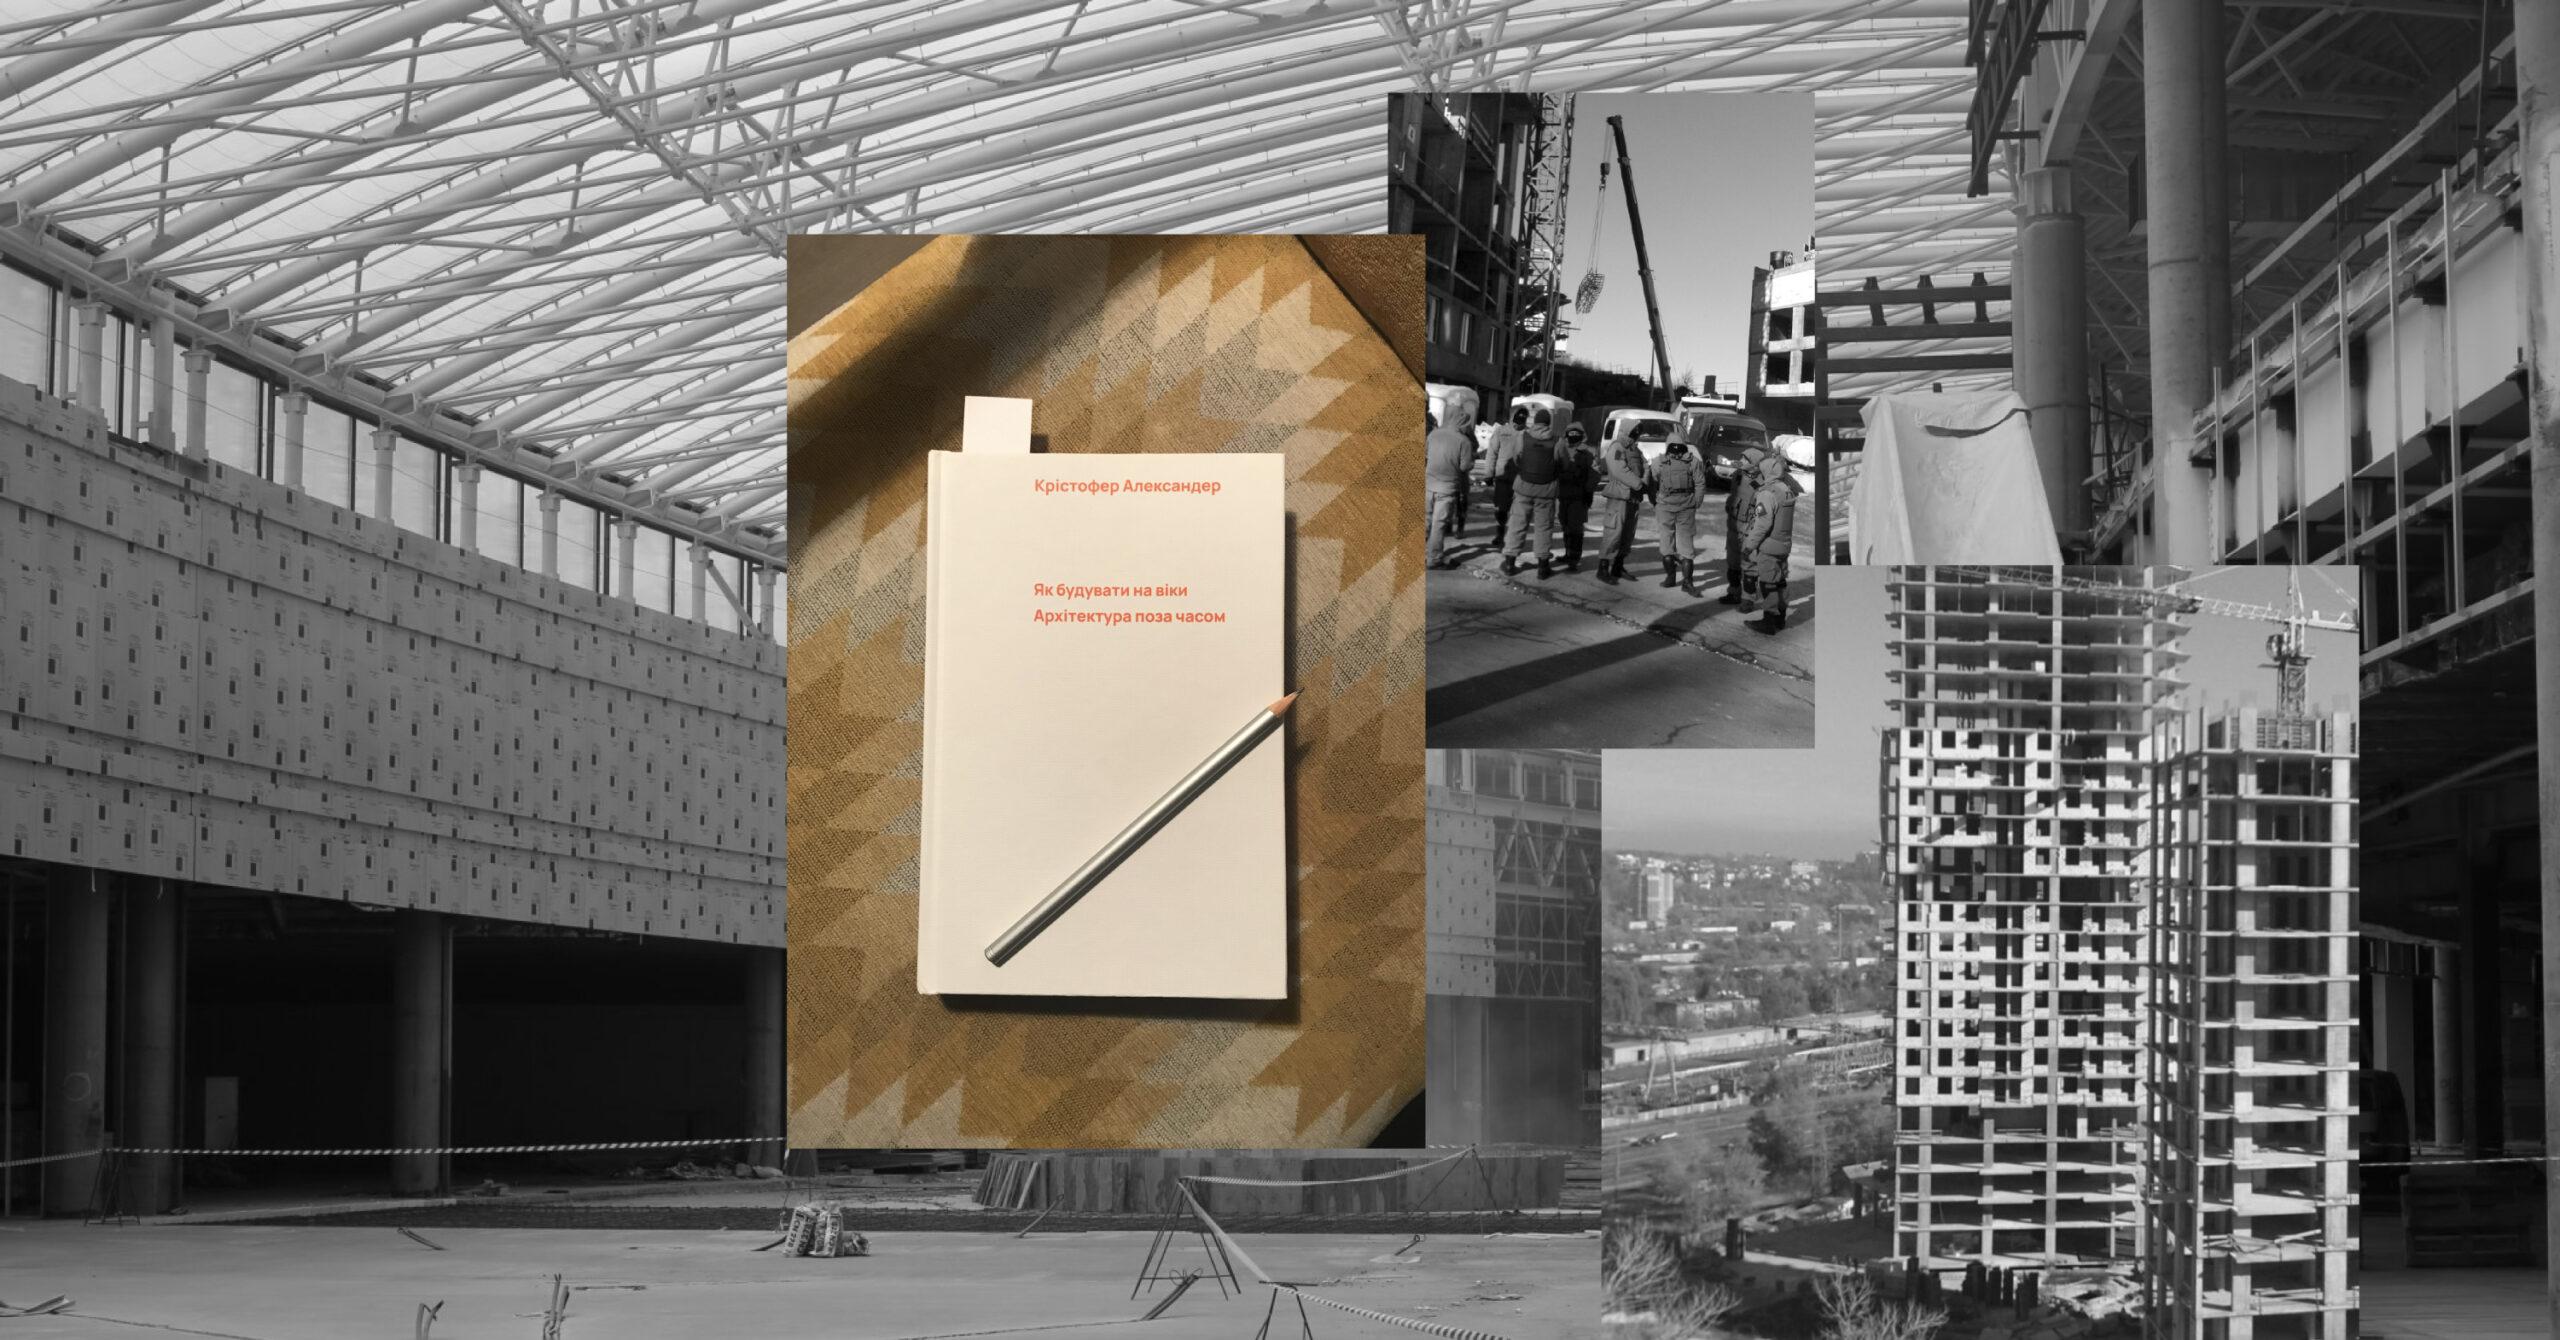 Крістофер Александер: «Як будувати на віки» — погляд з 2021